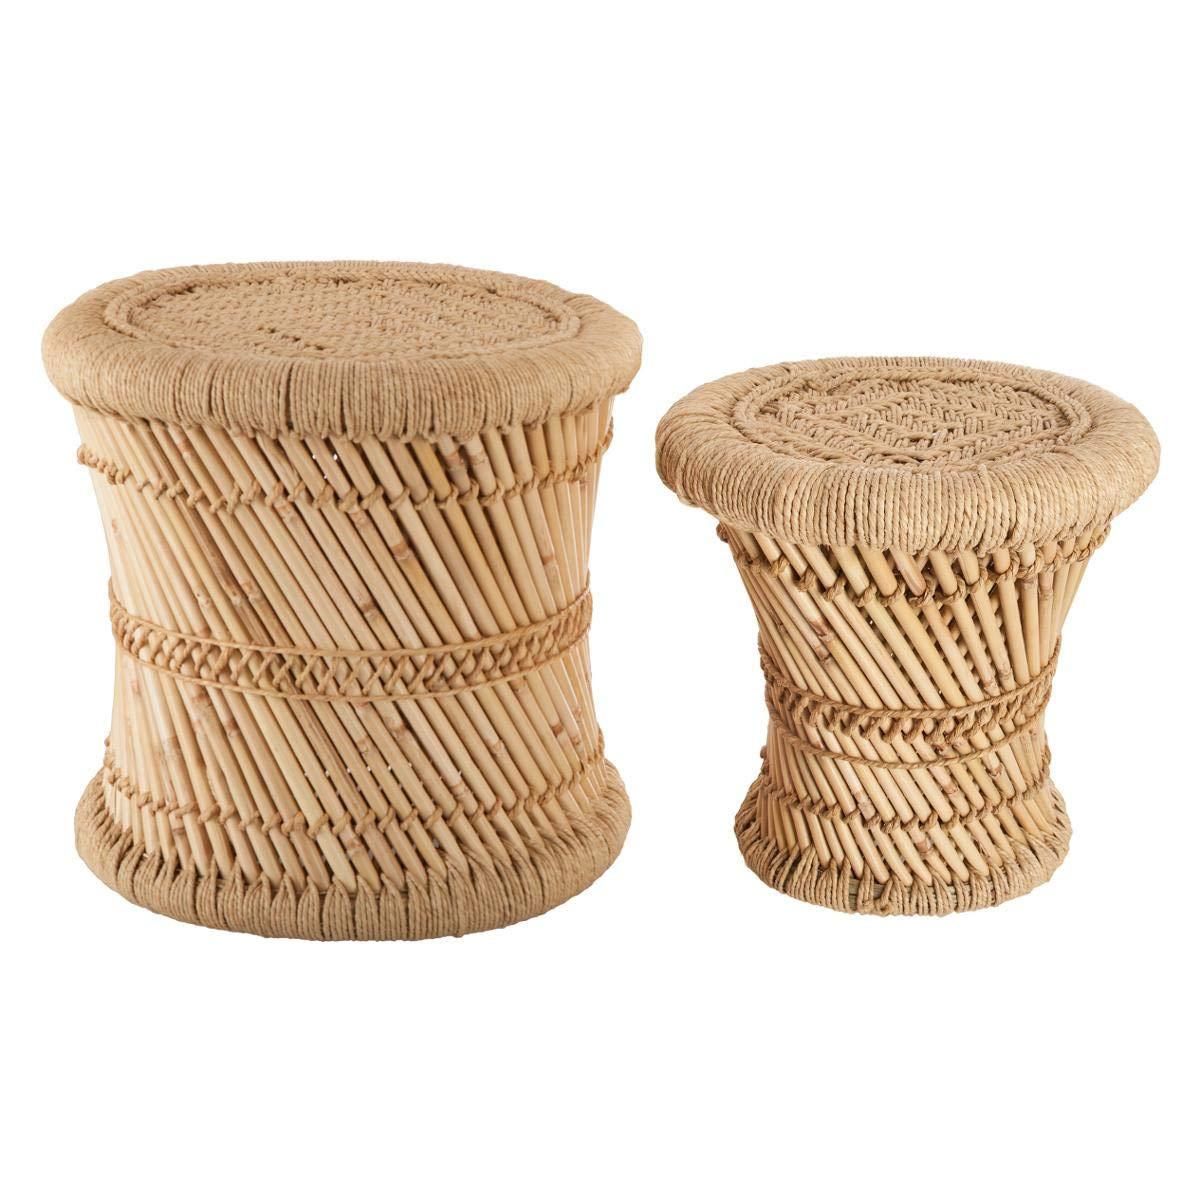 Set aus 2 niedrigen Satztischen aus Bast und Bambus - Nomadenstil - Farbe HOLZ